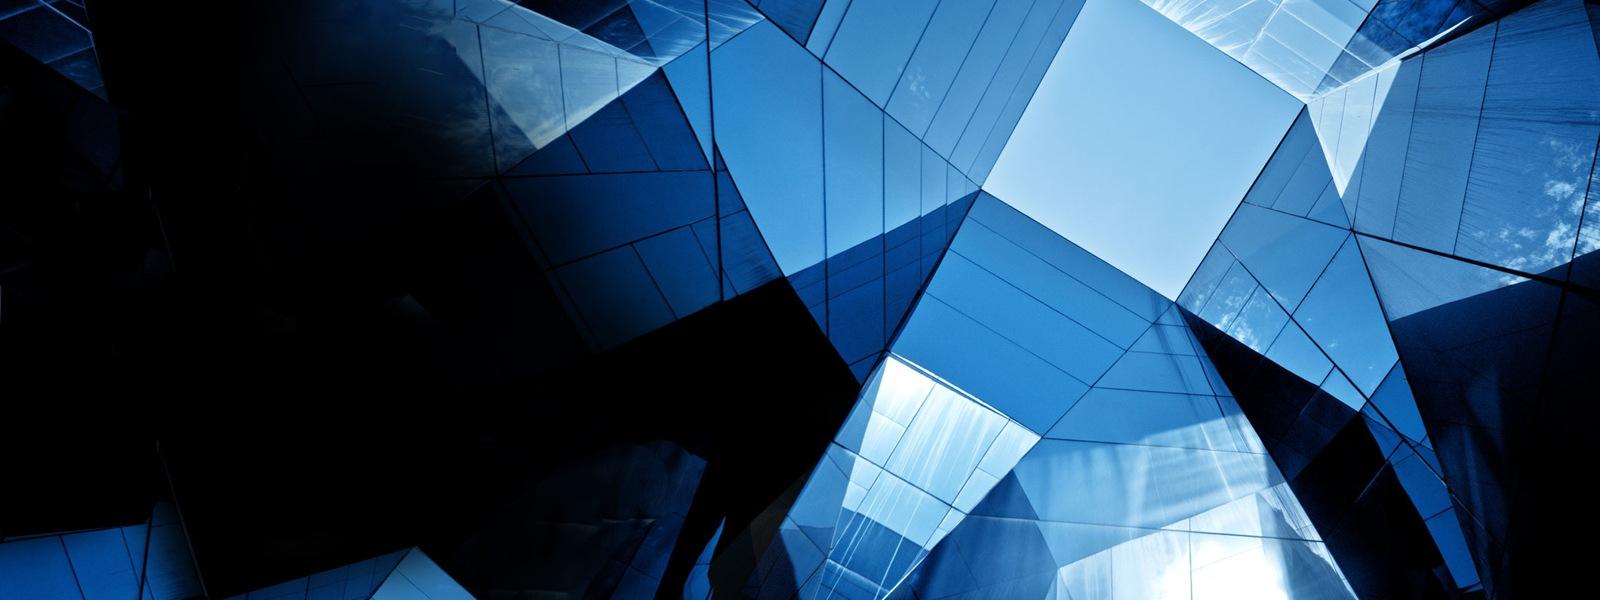 青空を映し出すオフィス ビルのガラス製パネル